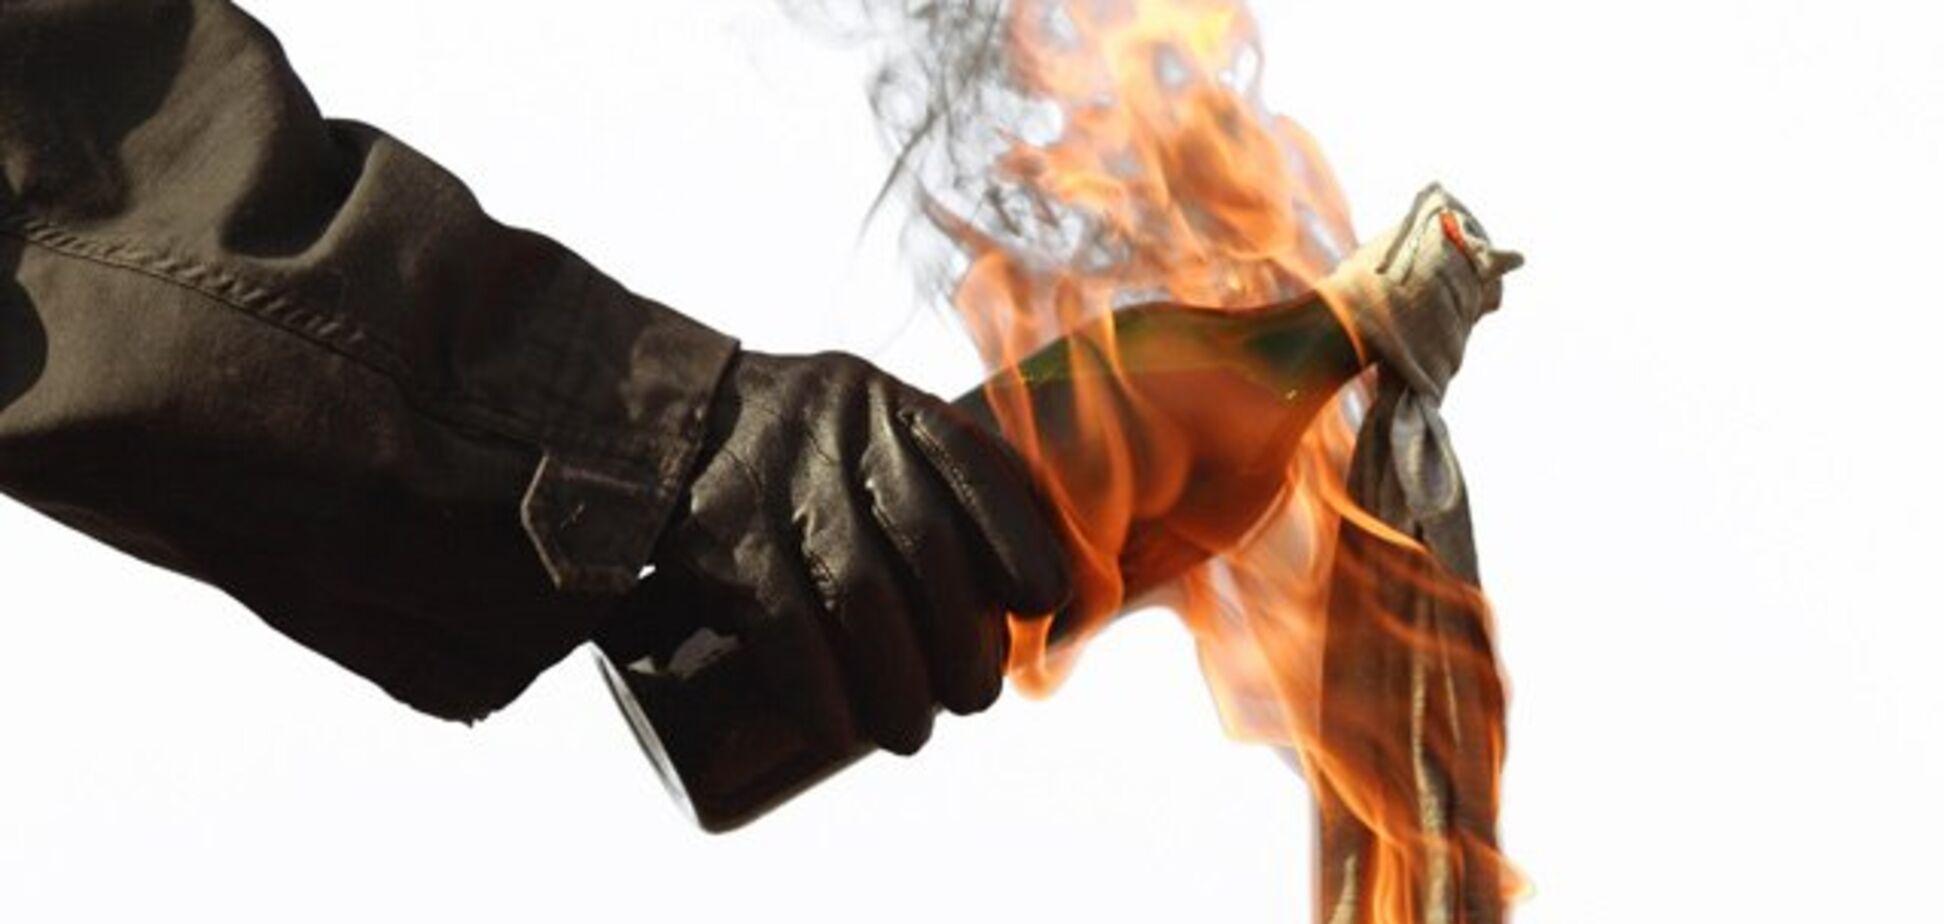 На Черкащині онук підпалив будинок своєї бабусі